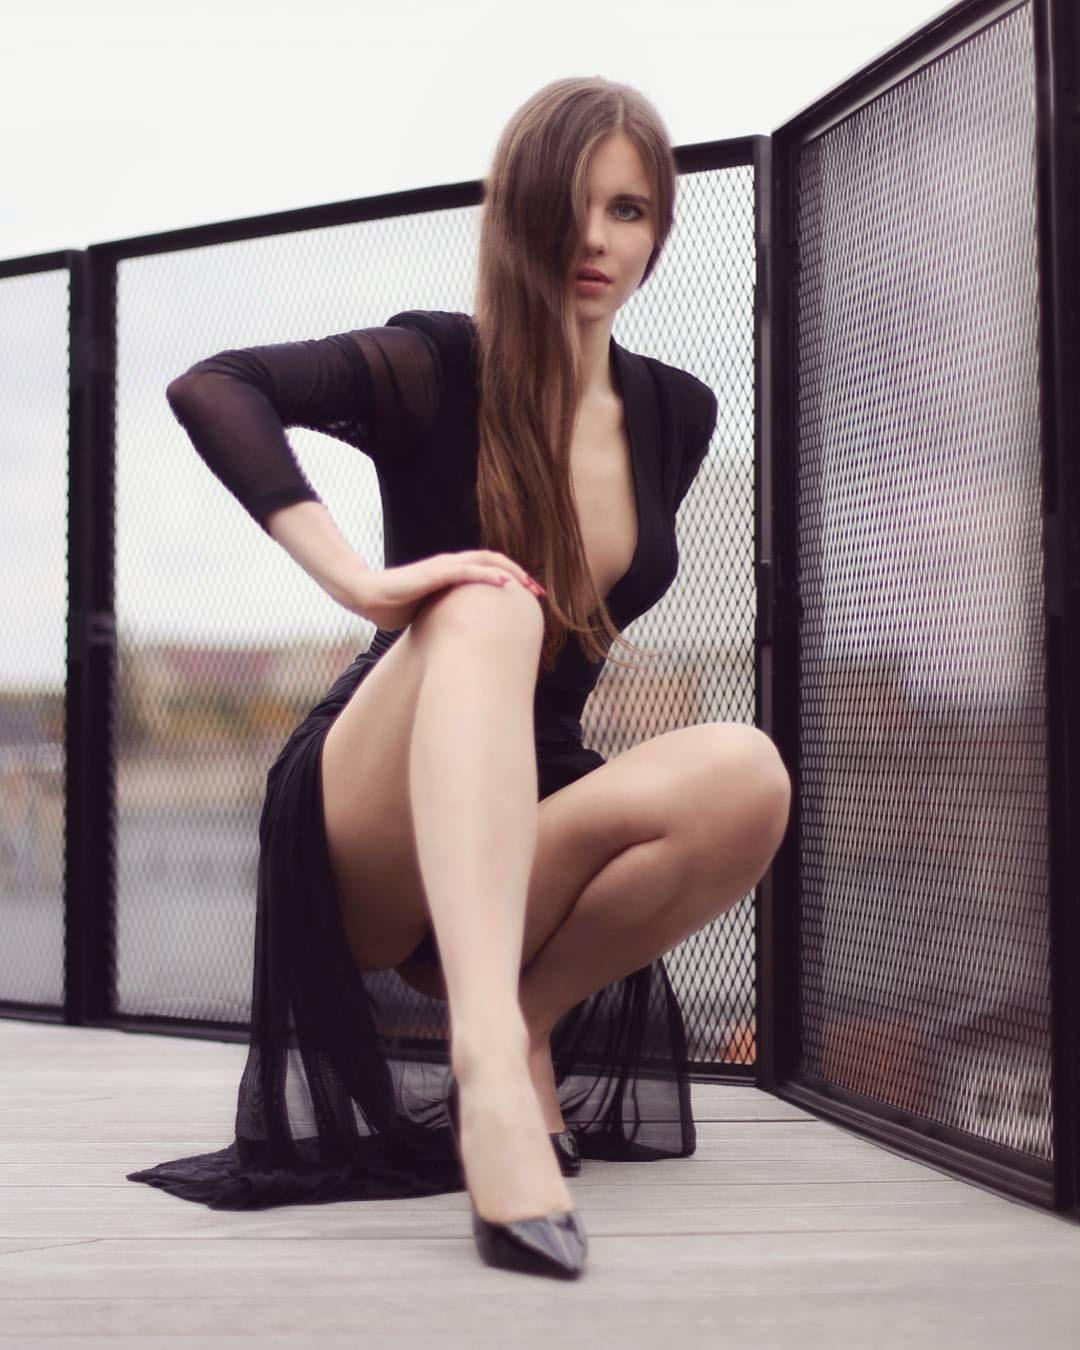 ariadna majewska naked